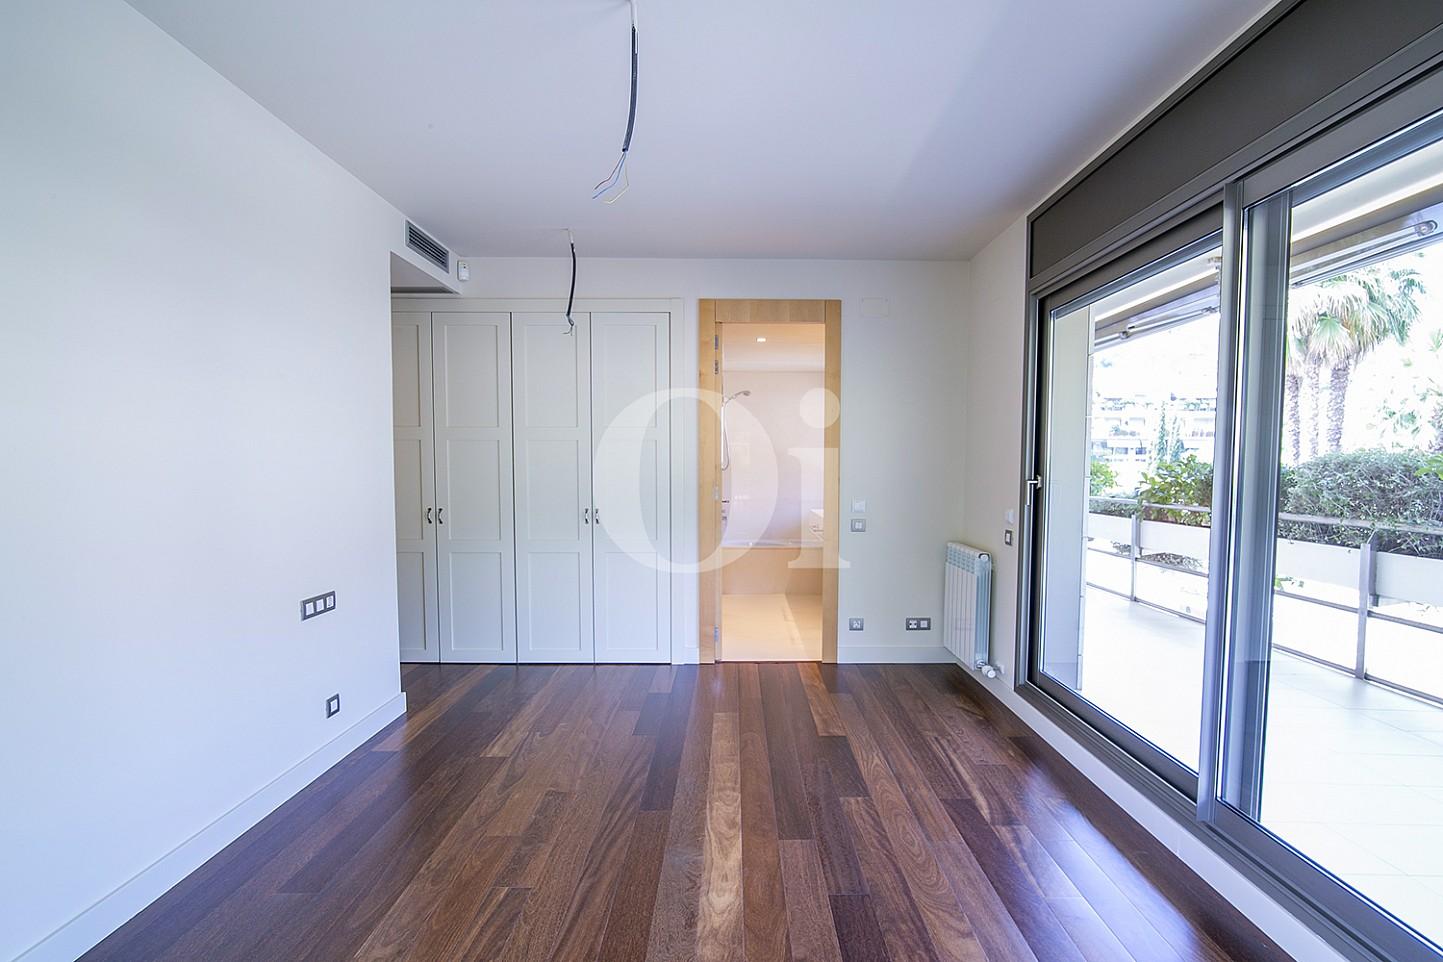 Dormitori amb aramris encastellats i accés a l'exterior